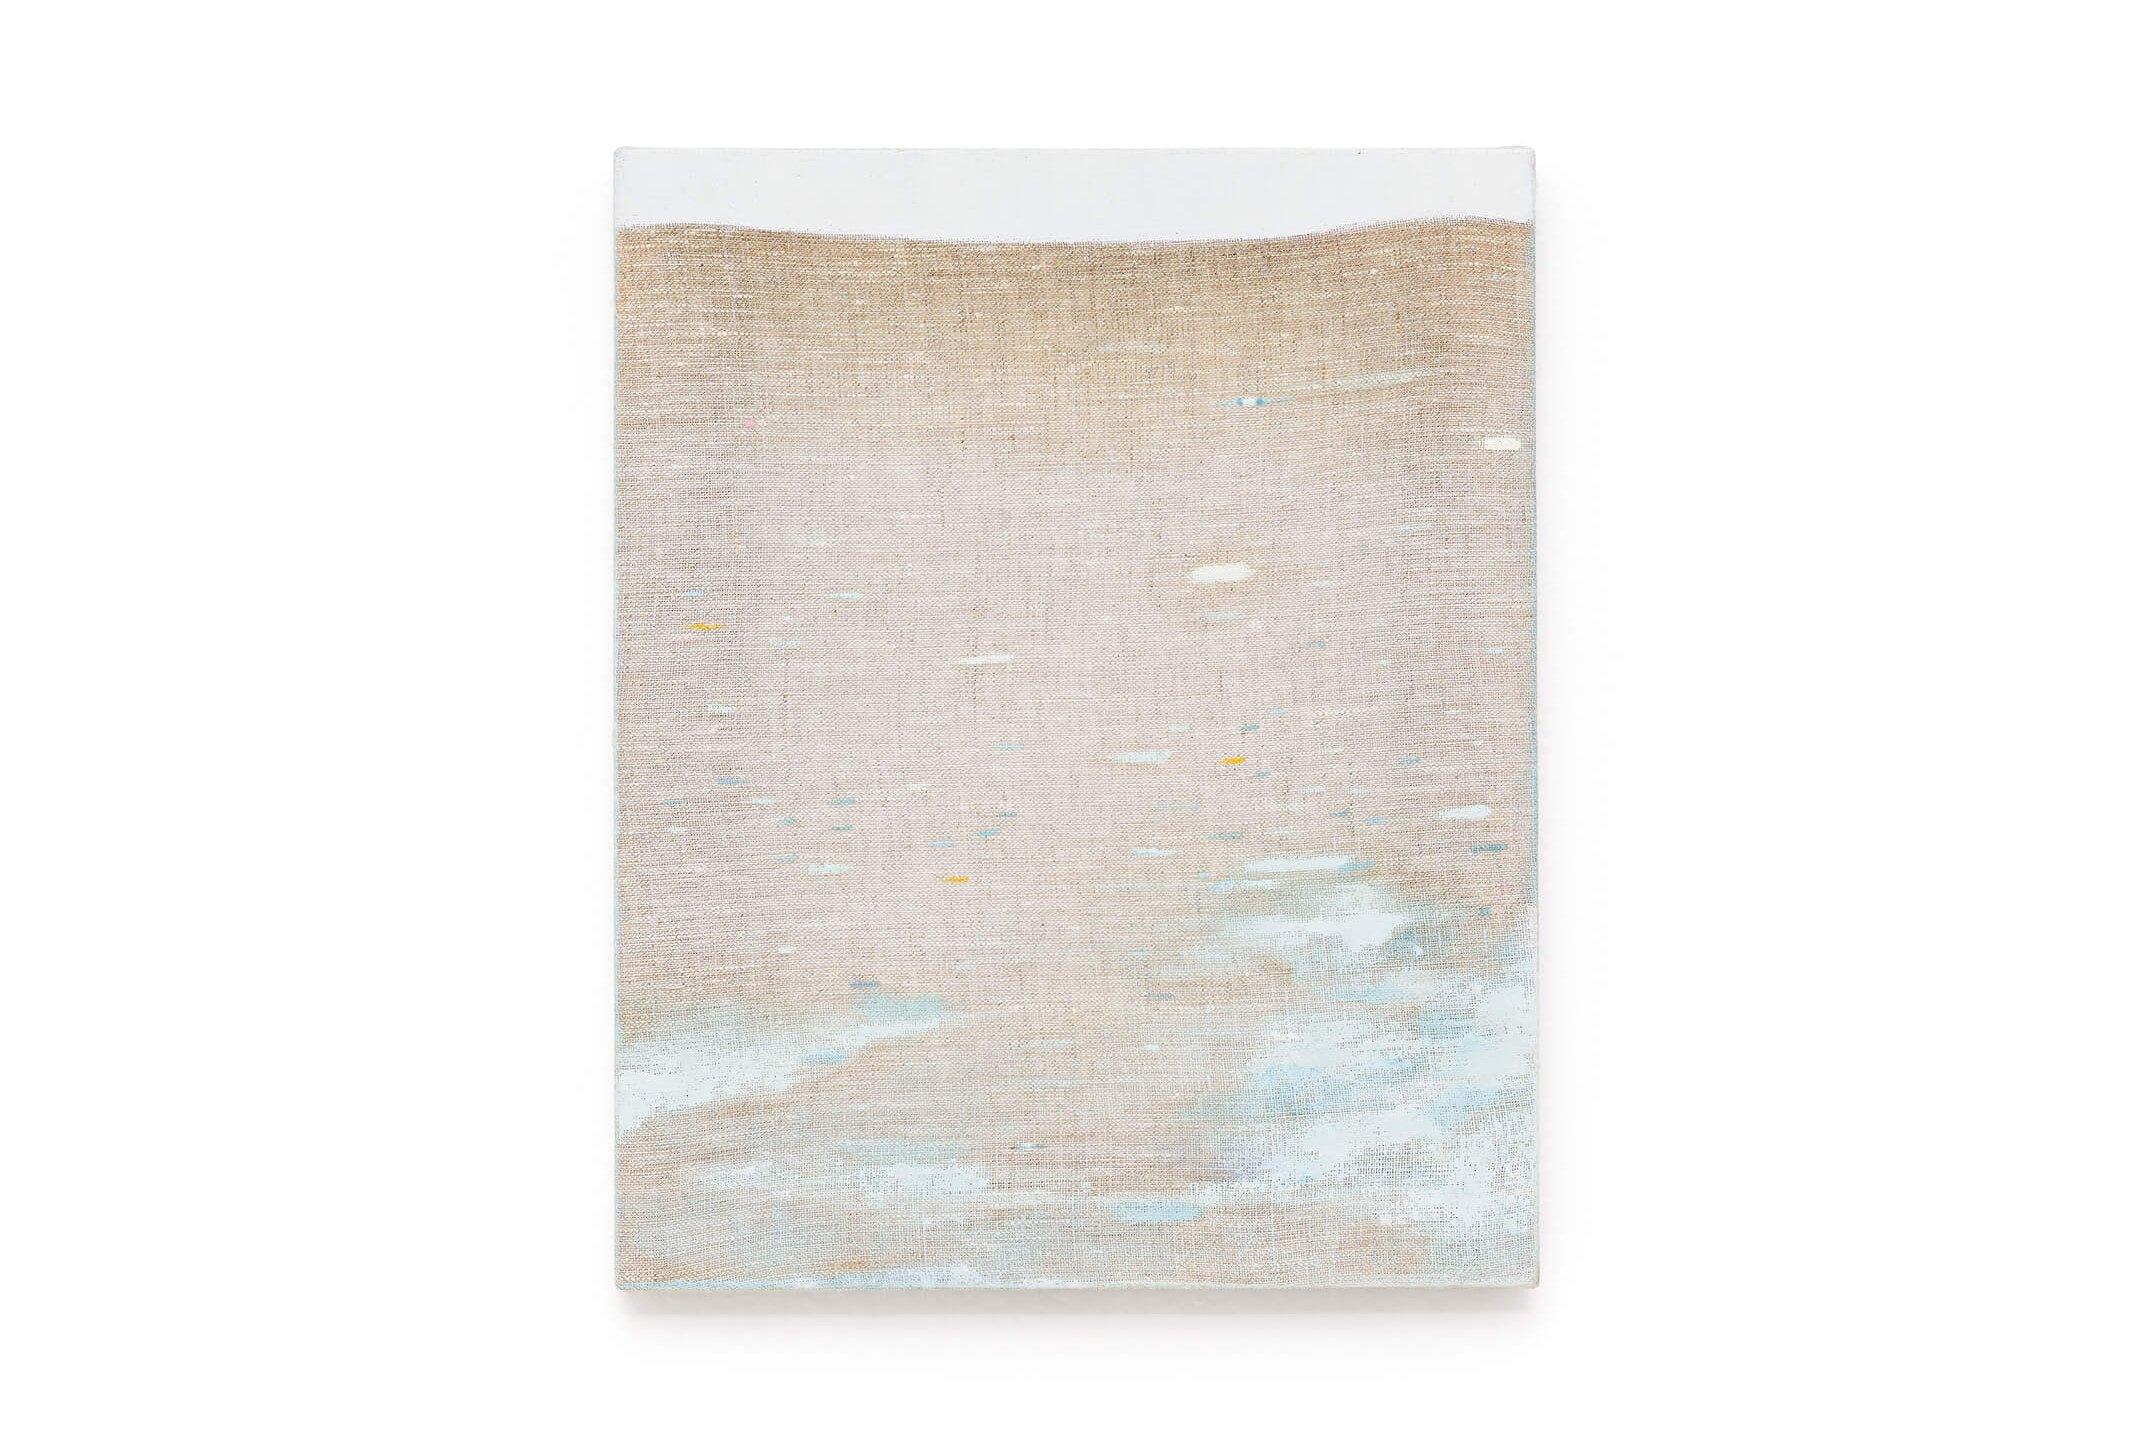 Yasmin Guimarães, <em>untitled</em>, 2016, oil on linen, 30,5 × 24,5 cm - Mendes Wood DM